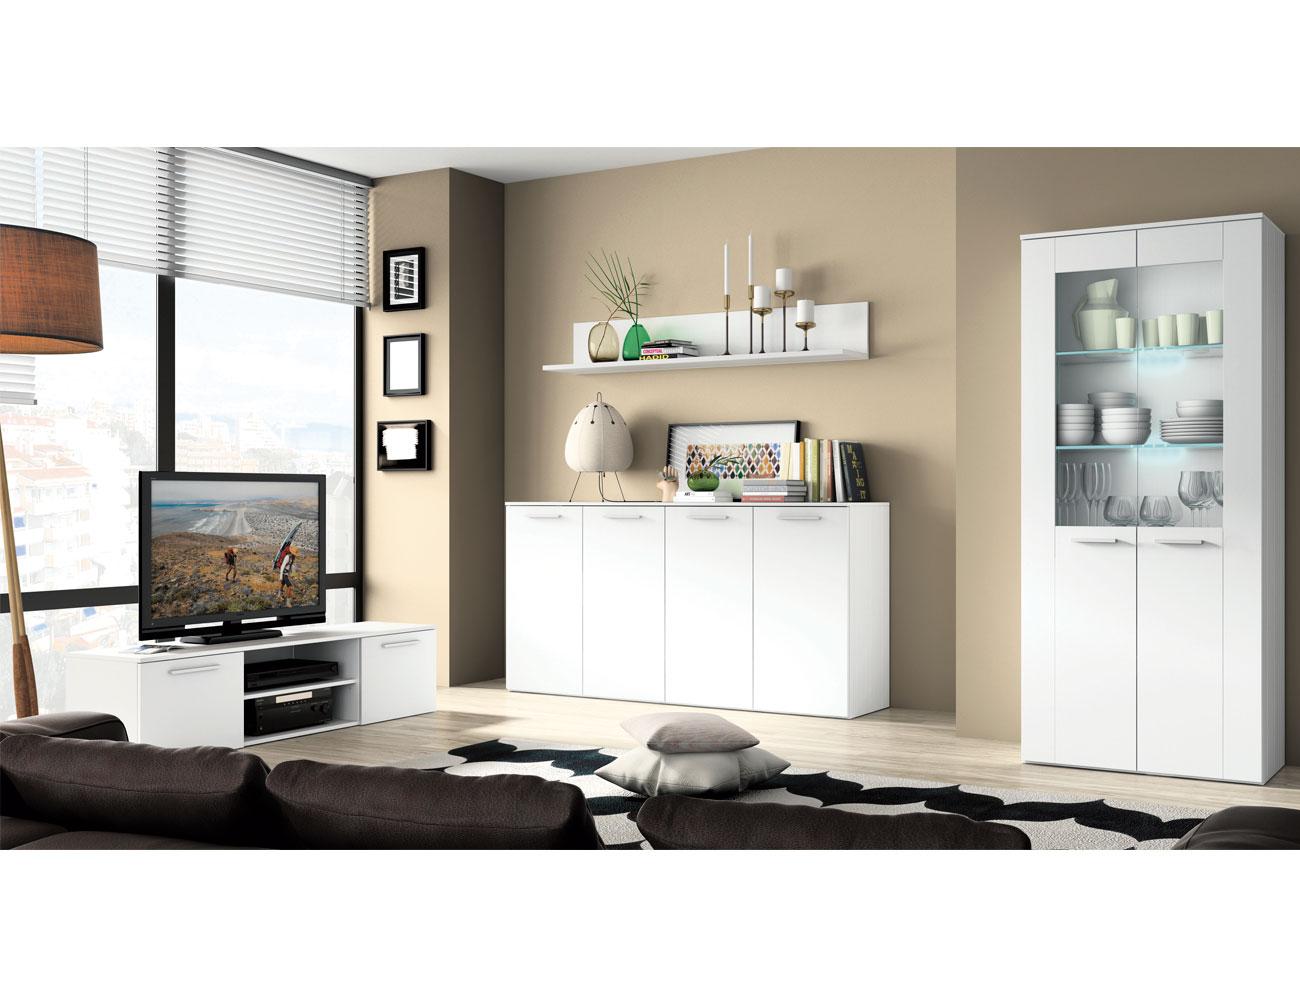 Muebles de comedor blanco saln muebles lacados en blanco - Mueble salon gris ...